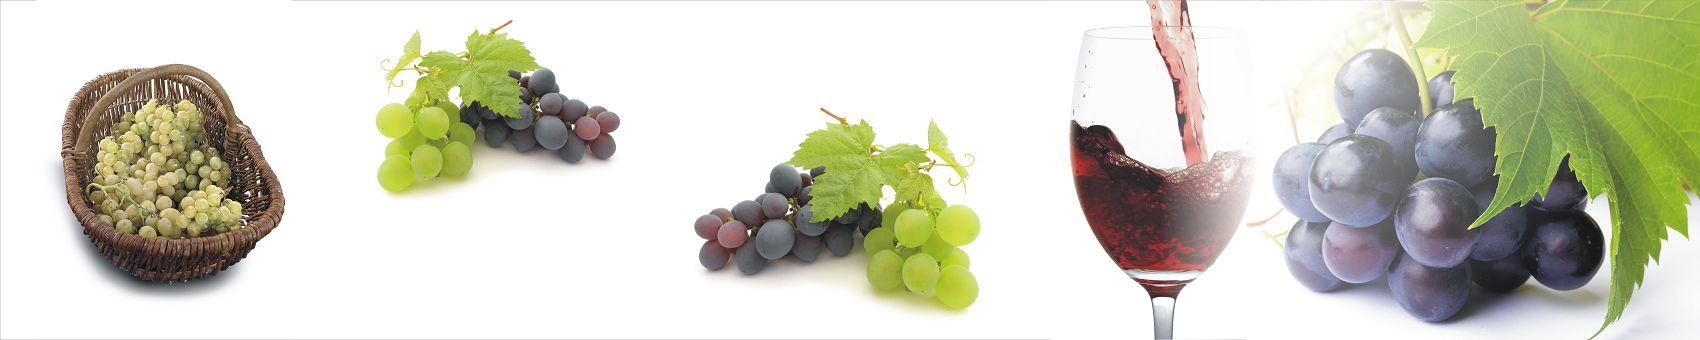 Черный виноград и вино